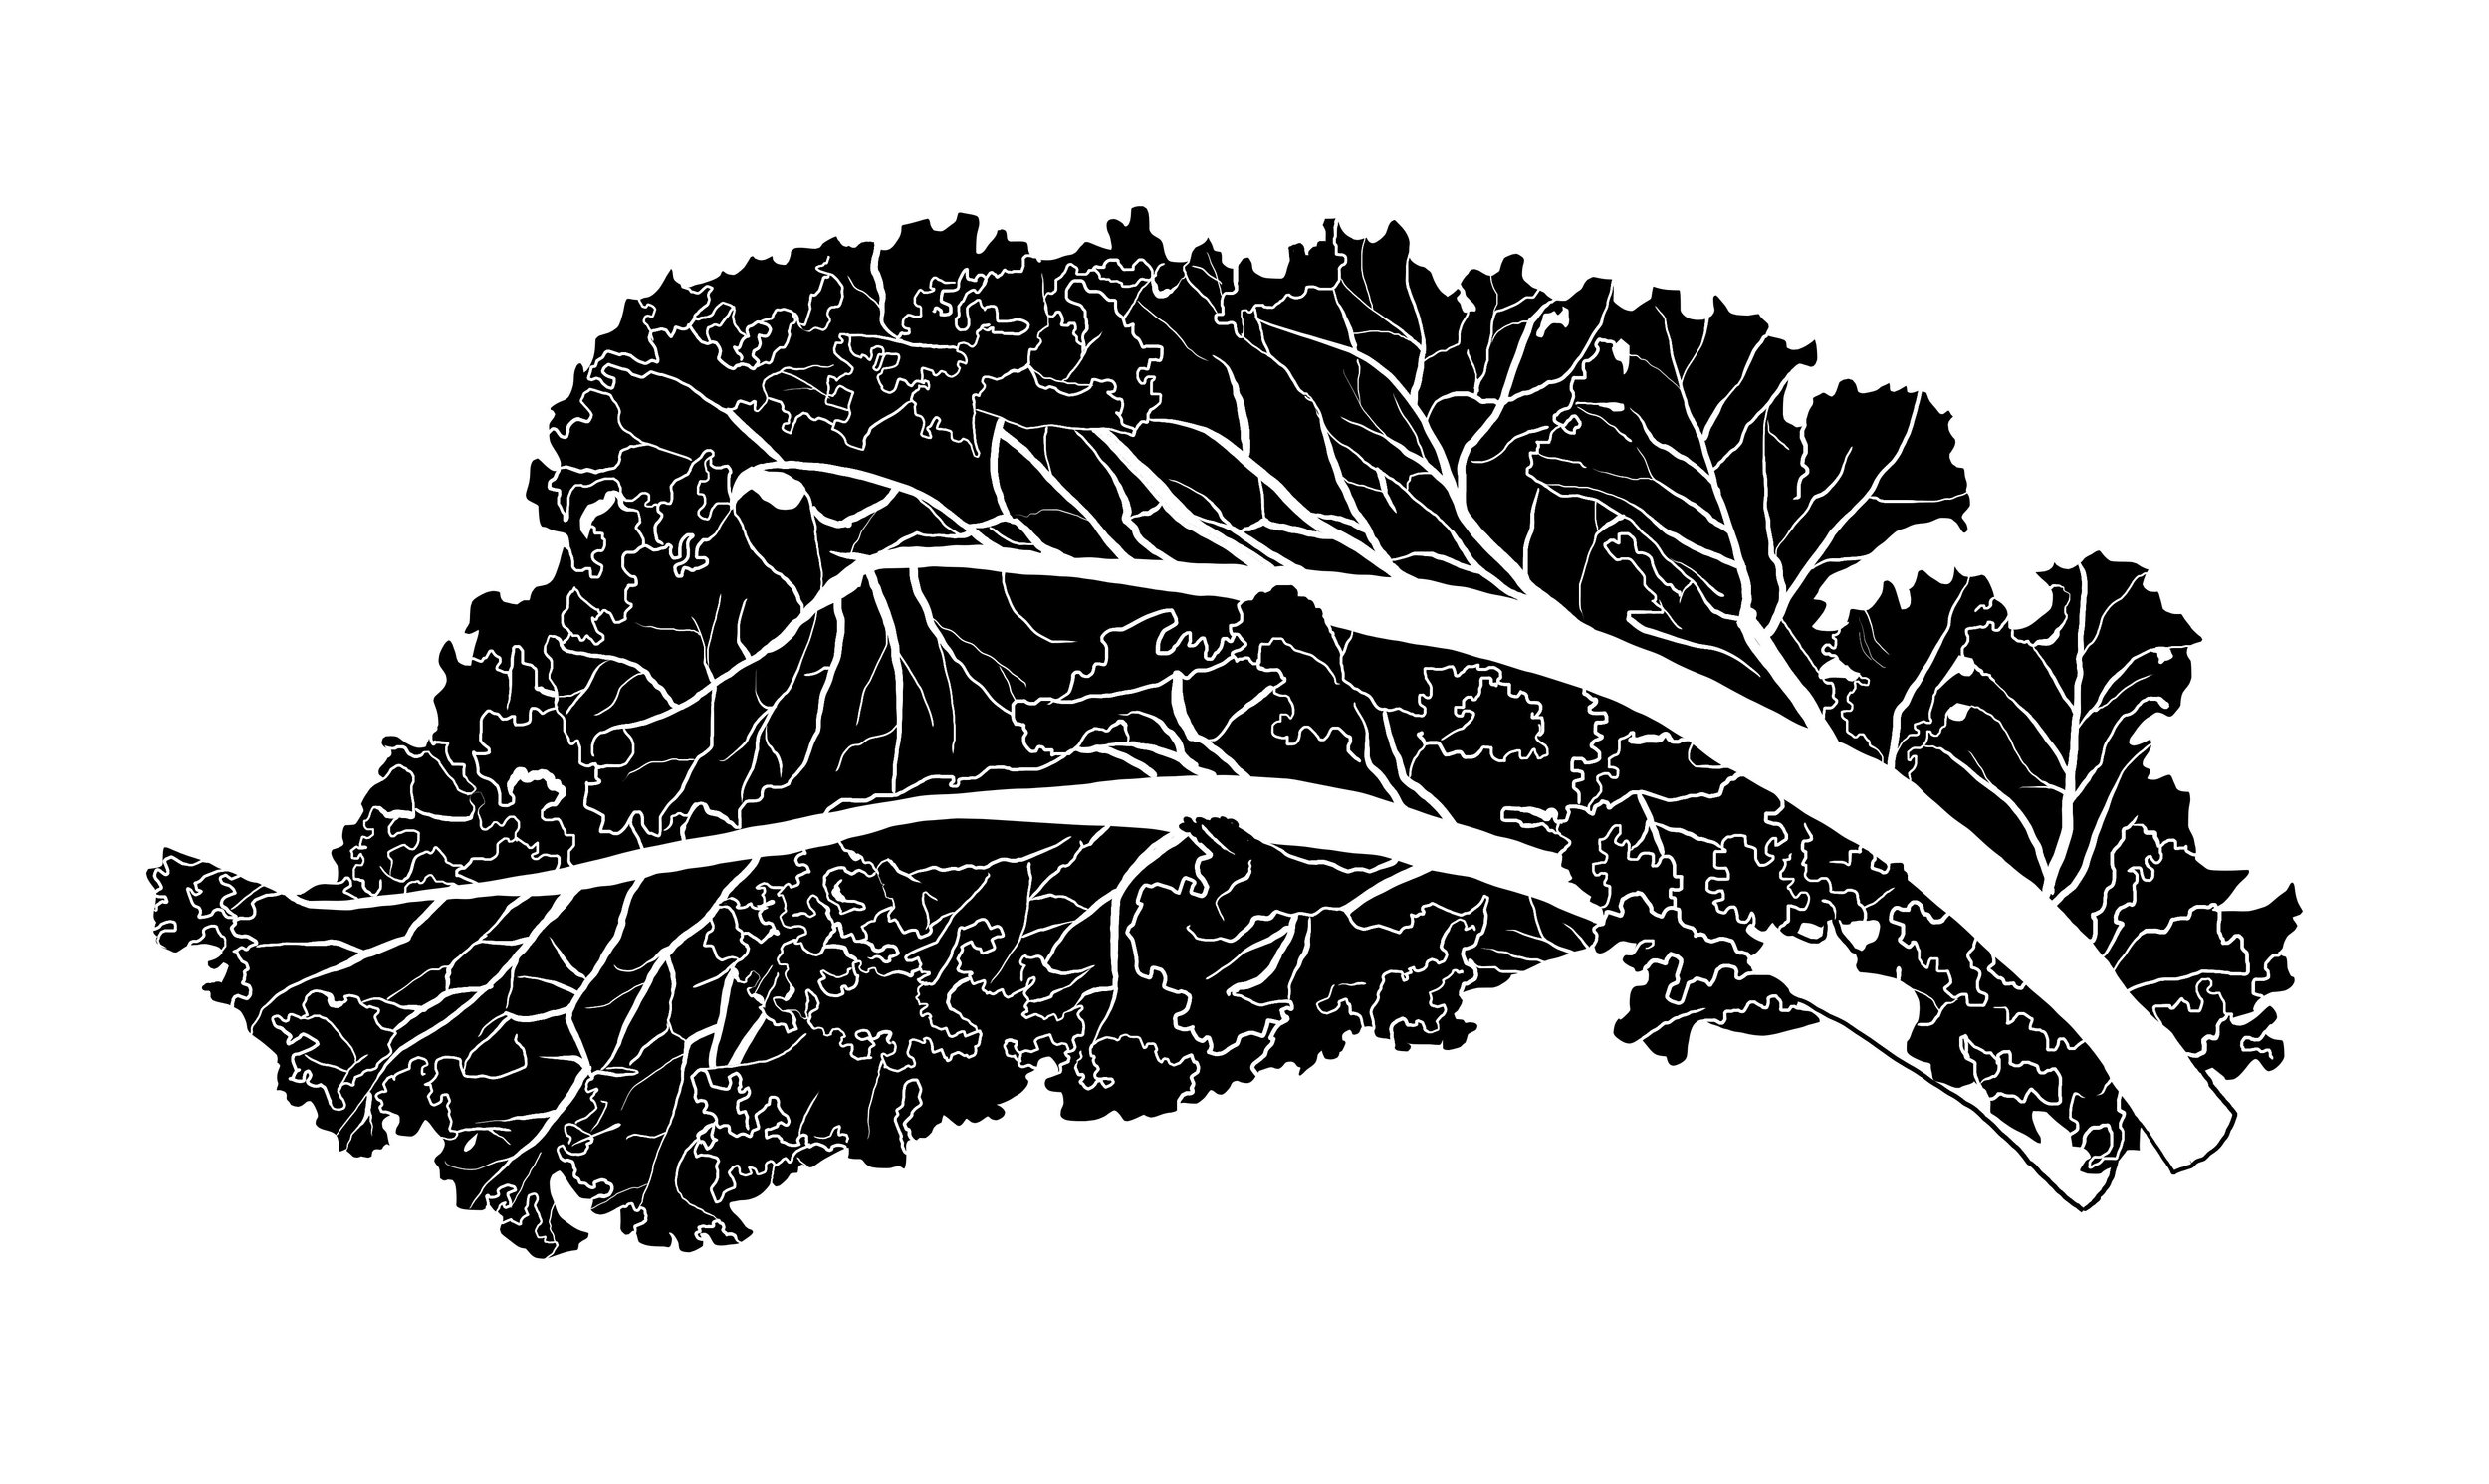 CITRIN-food-kale.jpg